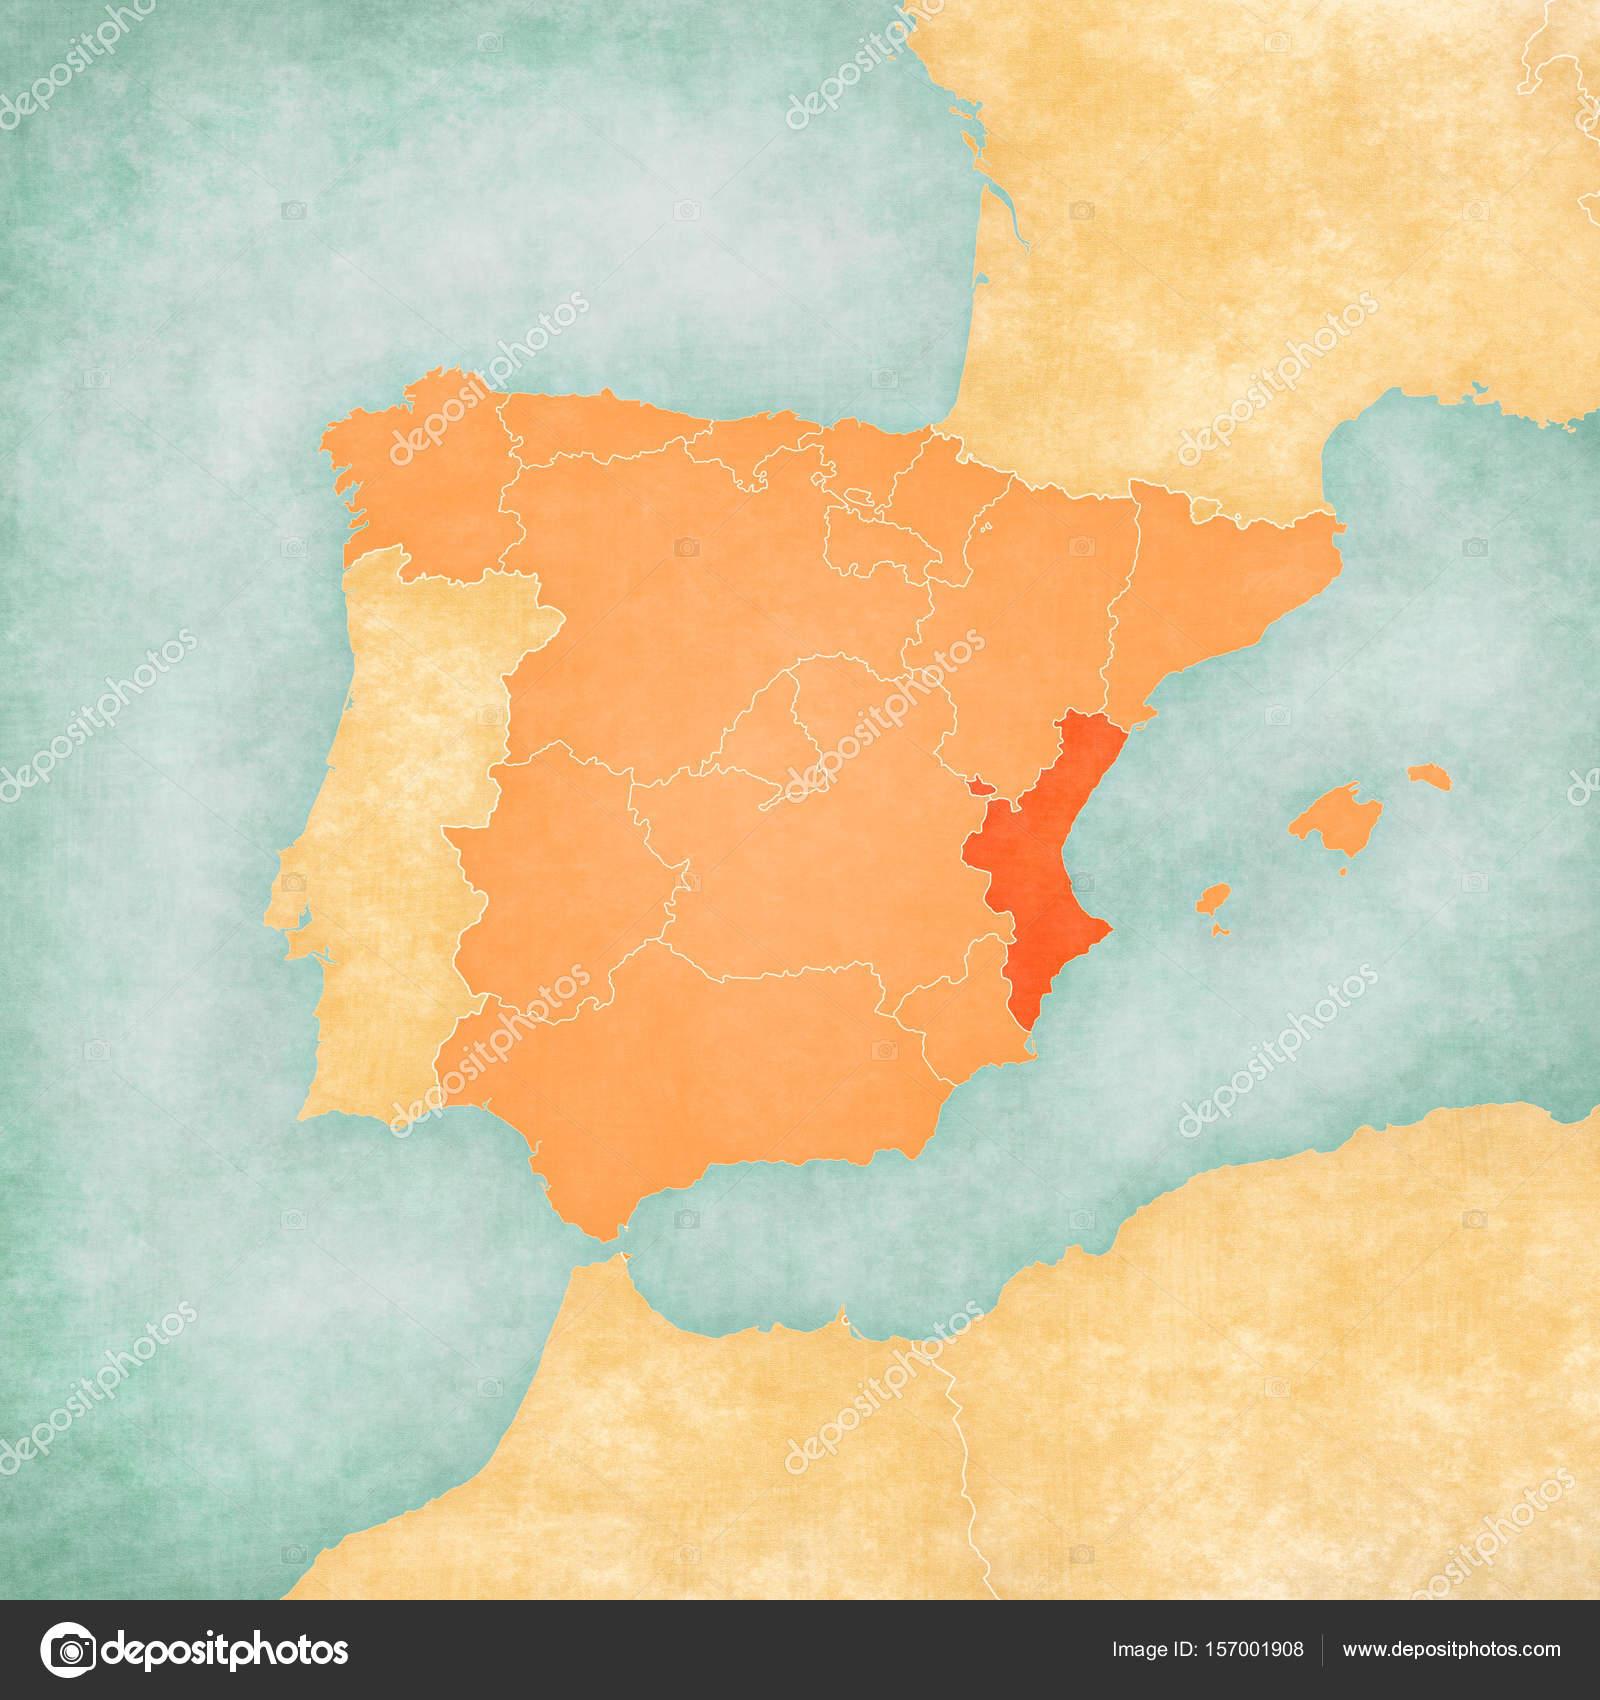 Map of Iberian Peninsula - Valencia — Stock Photo © Tindo #157001908